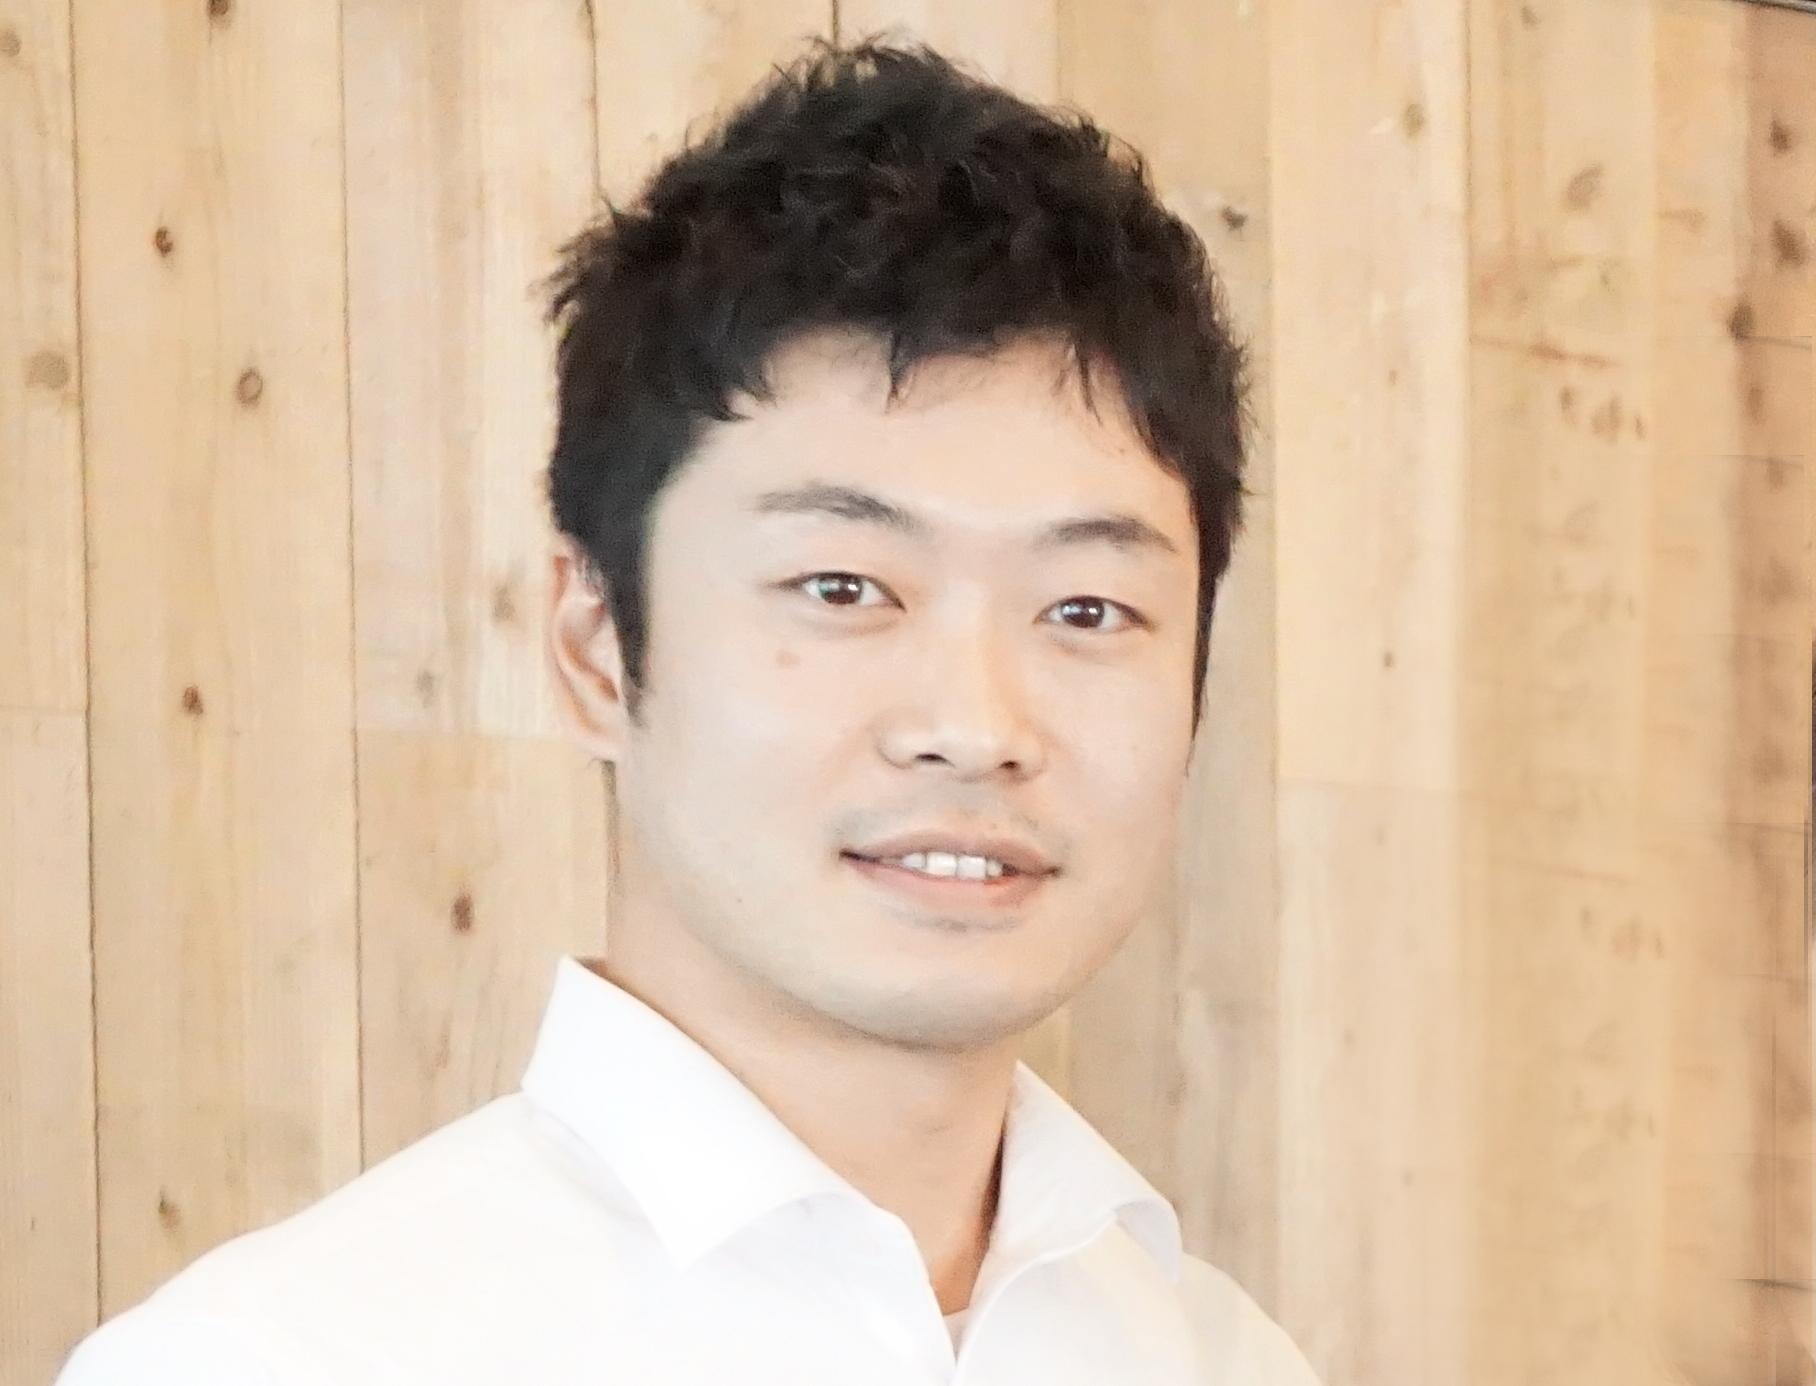 高橋 洋平(Yohei Takahashi)